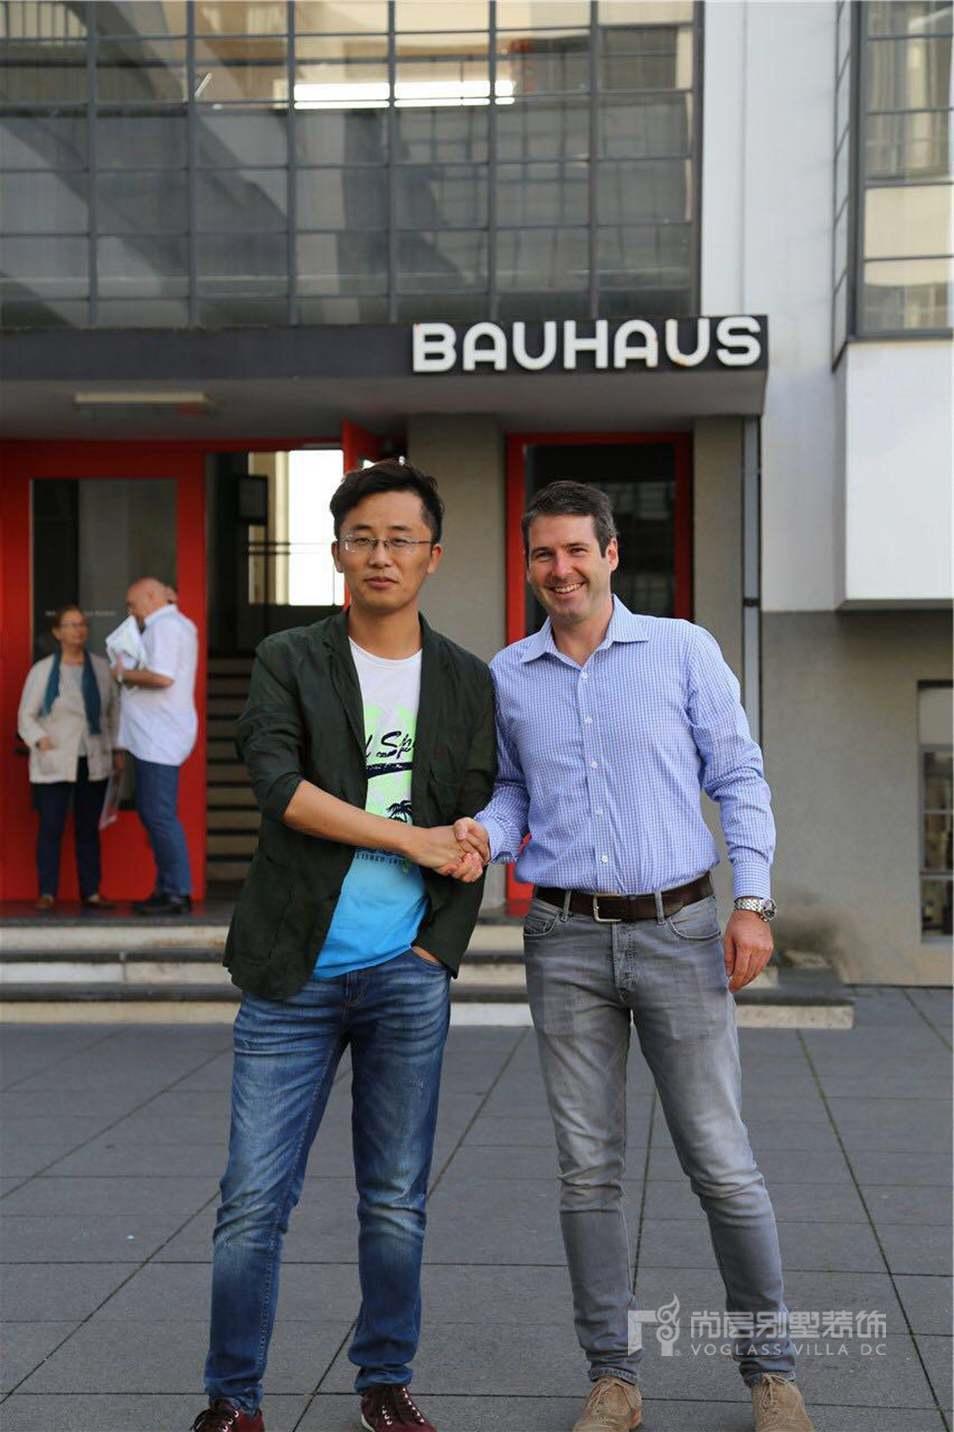 尚层装饰设计师李福祥在包豪斯设计学院学习交流